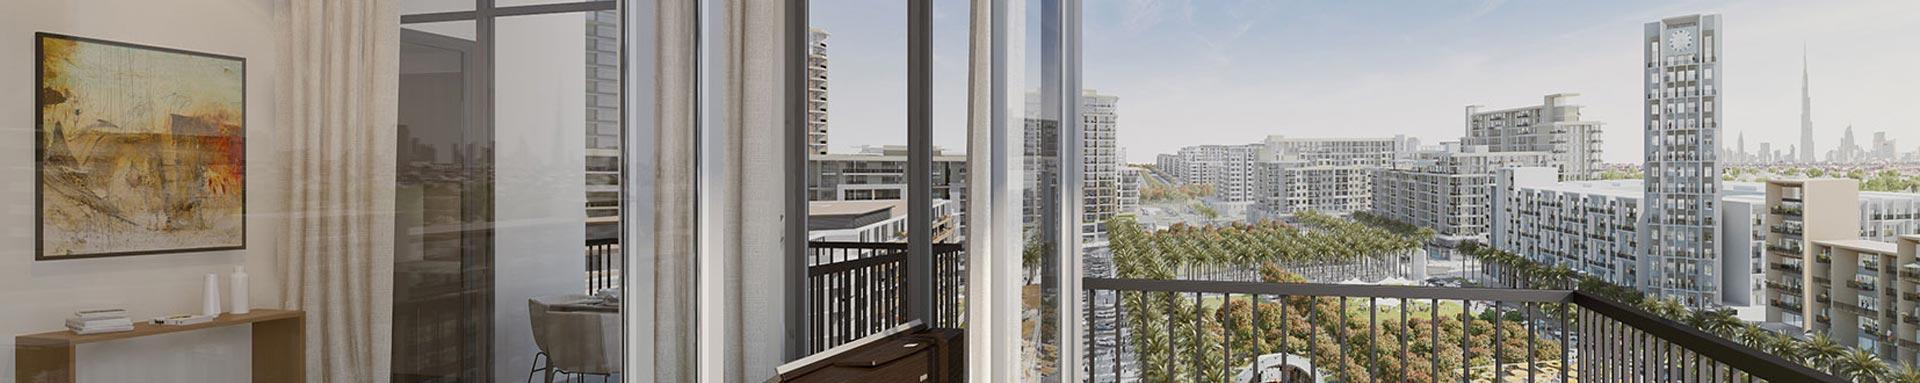 Warda II Apartments in Town Square Dubai